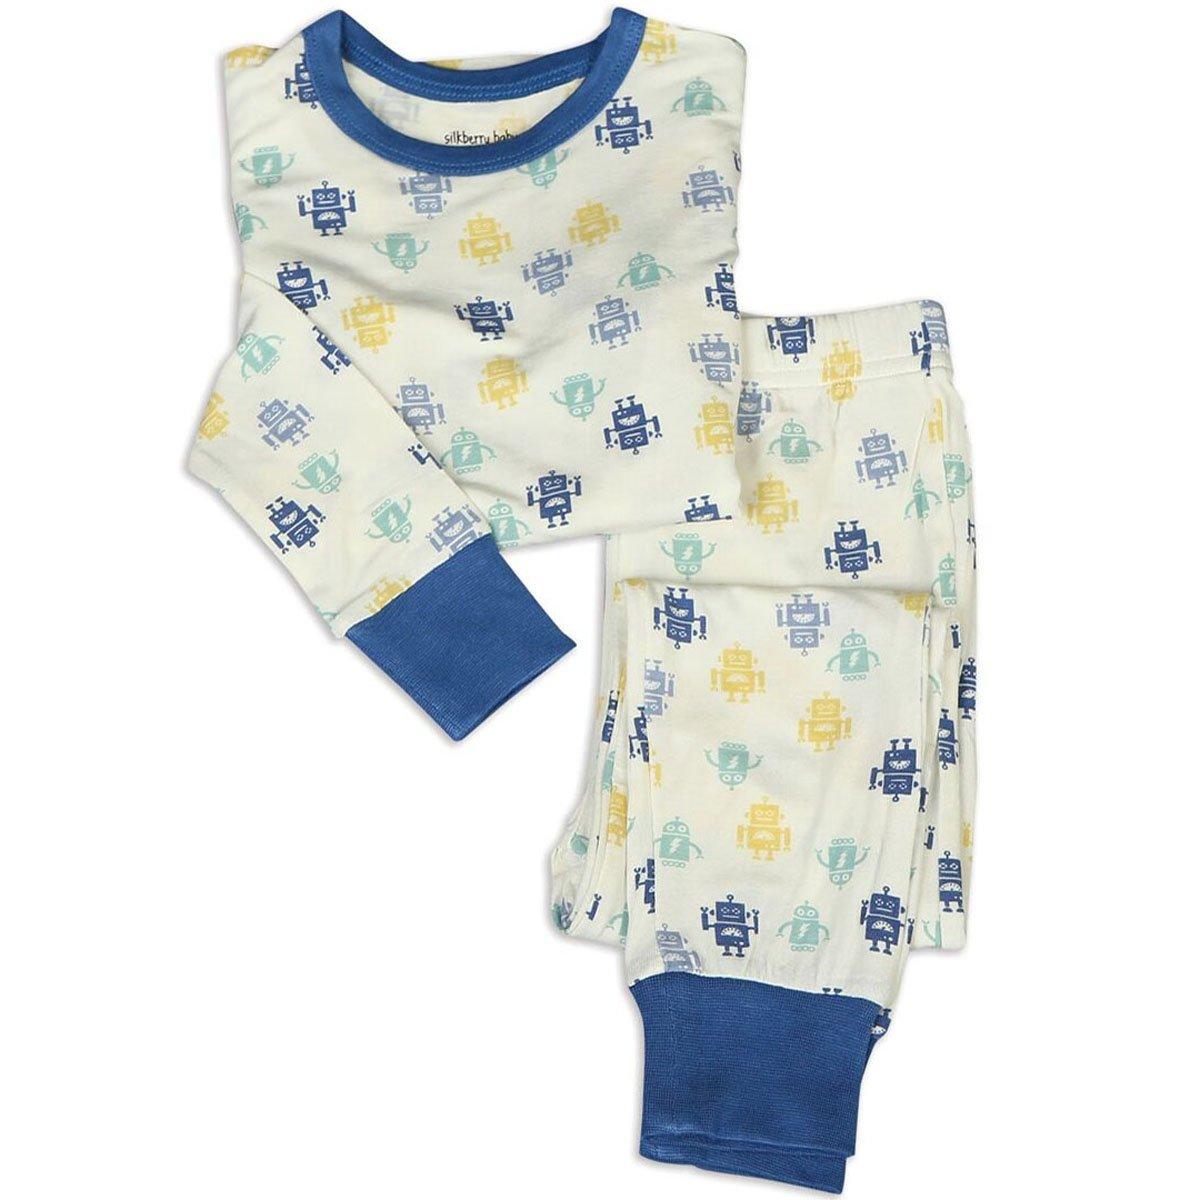 【送料無料】 Silkberry Baby - SLEEPWEAR ユニセックスベビー 18 24 - 24 Months ロボット Baby B07FTFFKQJ, ミヤギグン:d3544895 --- a0267596.xsph.ru